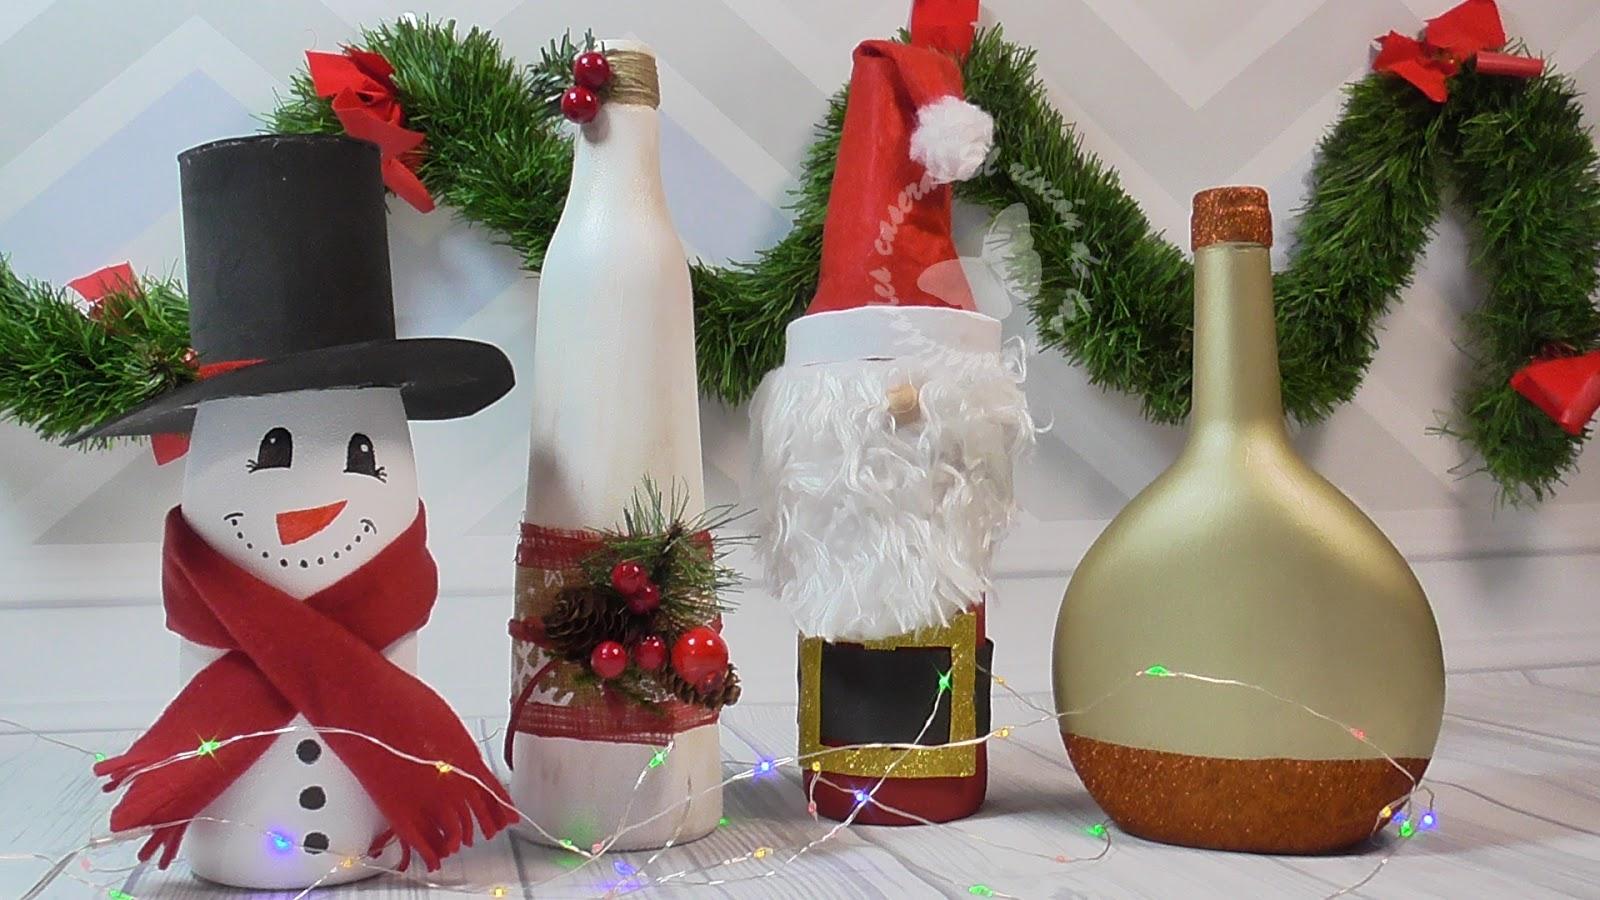 El rinc n de las manualidades caseras botellas de cristal recicladas y decoradas de navidad - Botellas decoradas manualidades ...